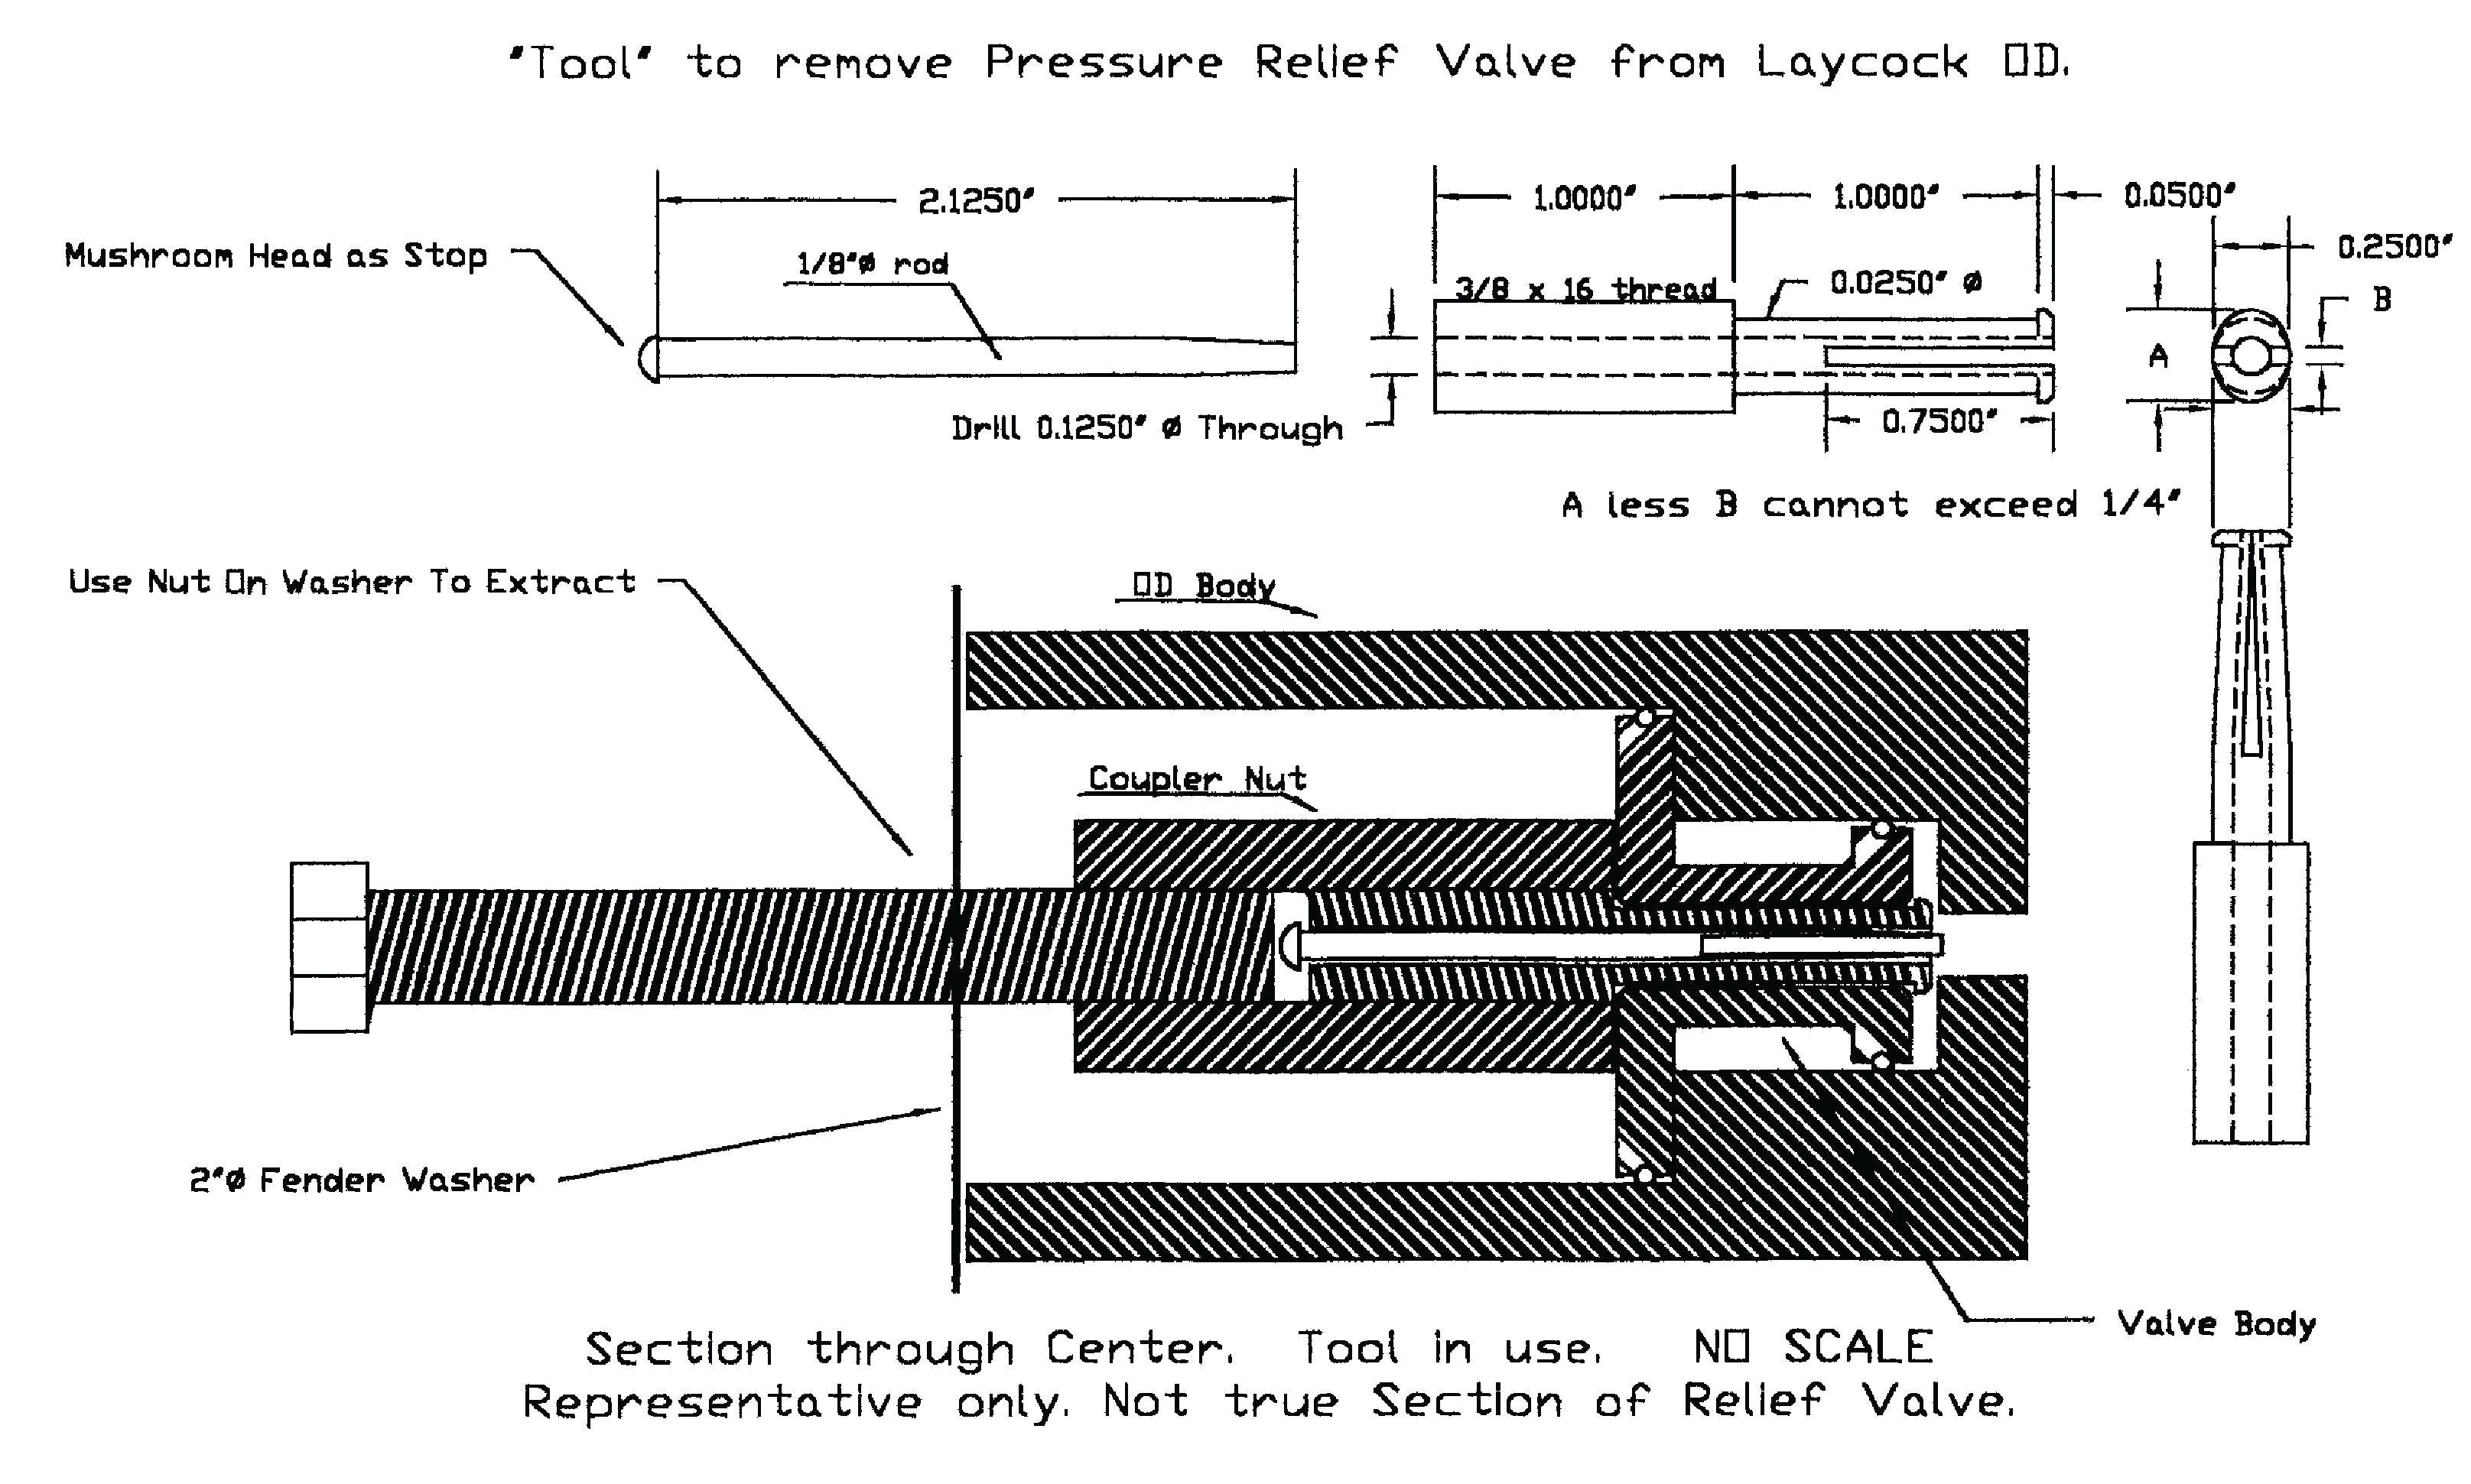 mitsubishi alternator wiring diagram wiring diagram data mitsubishi alternator diagram hitachi alternator wiring tcm wiring diagram